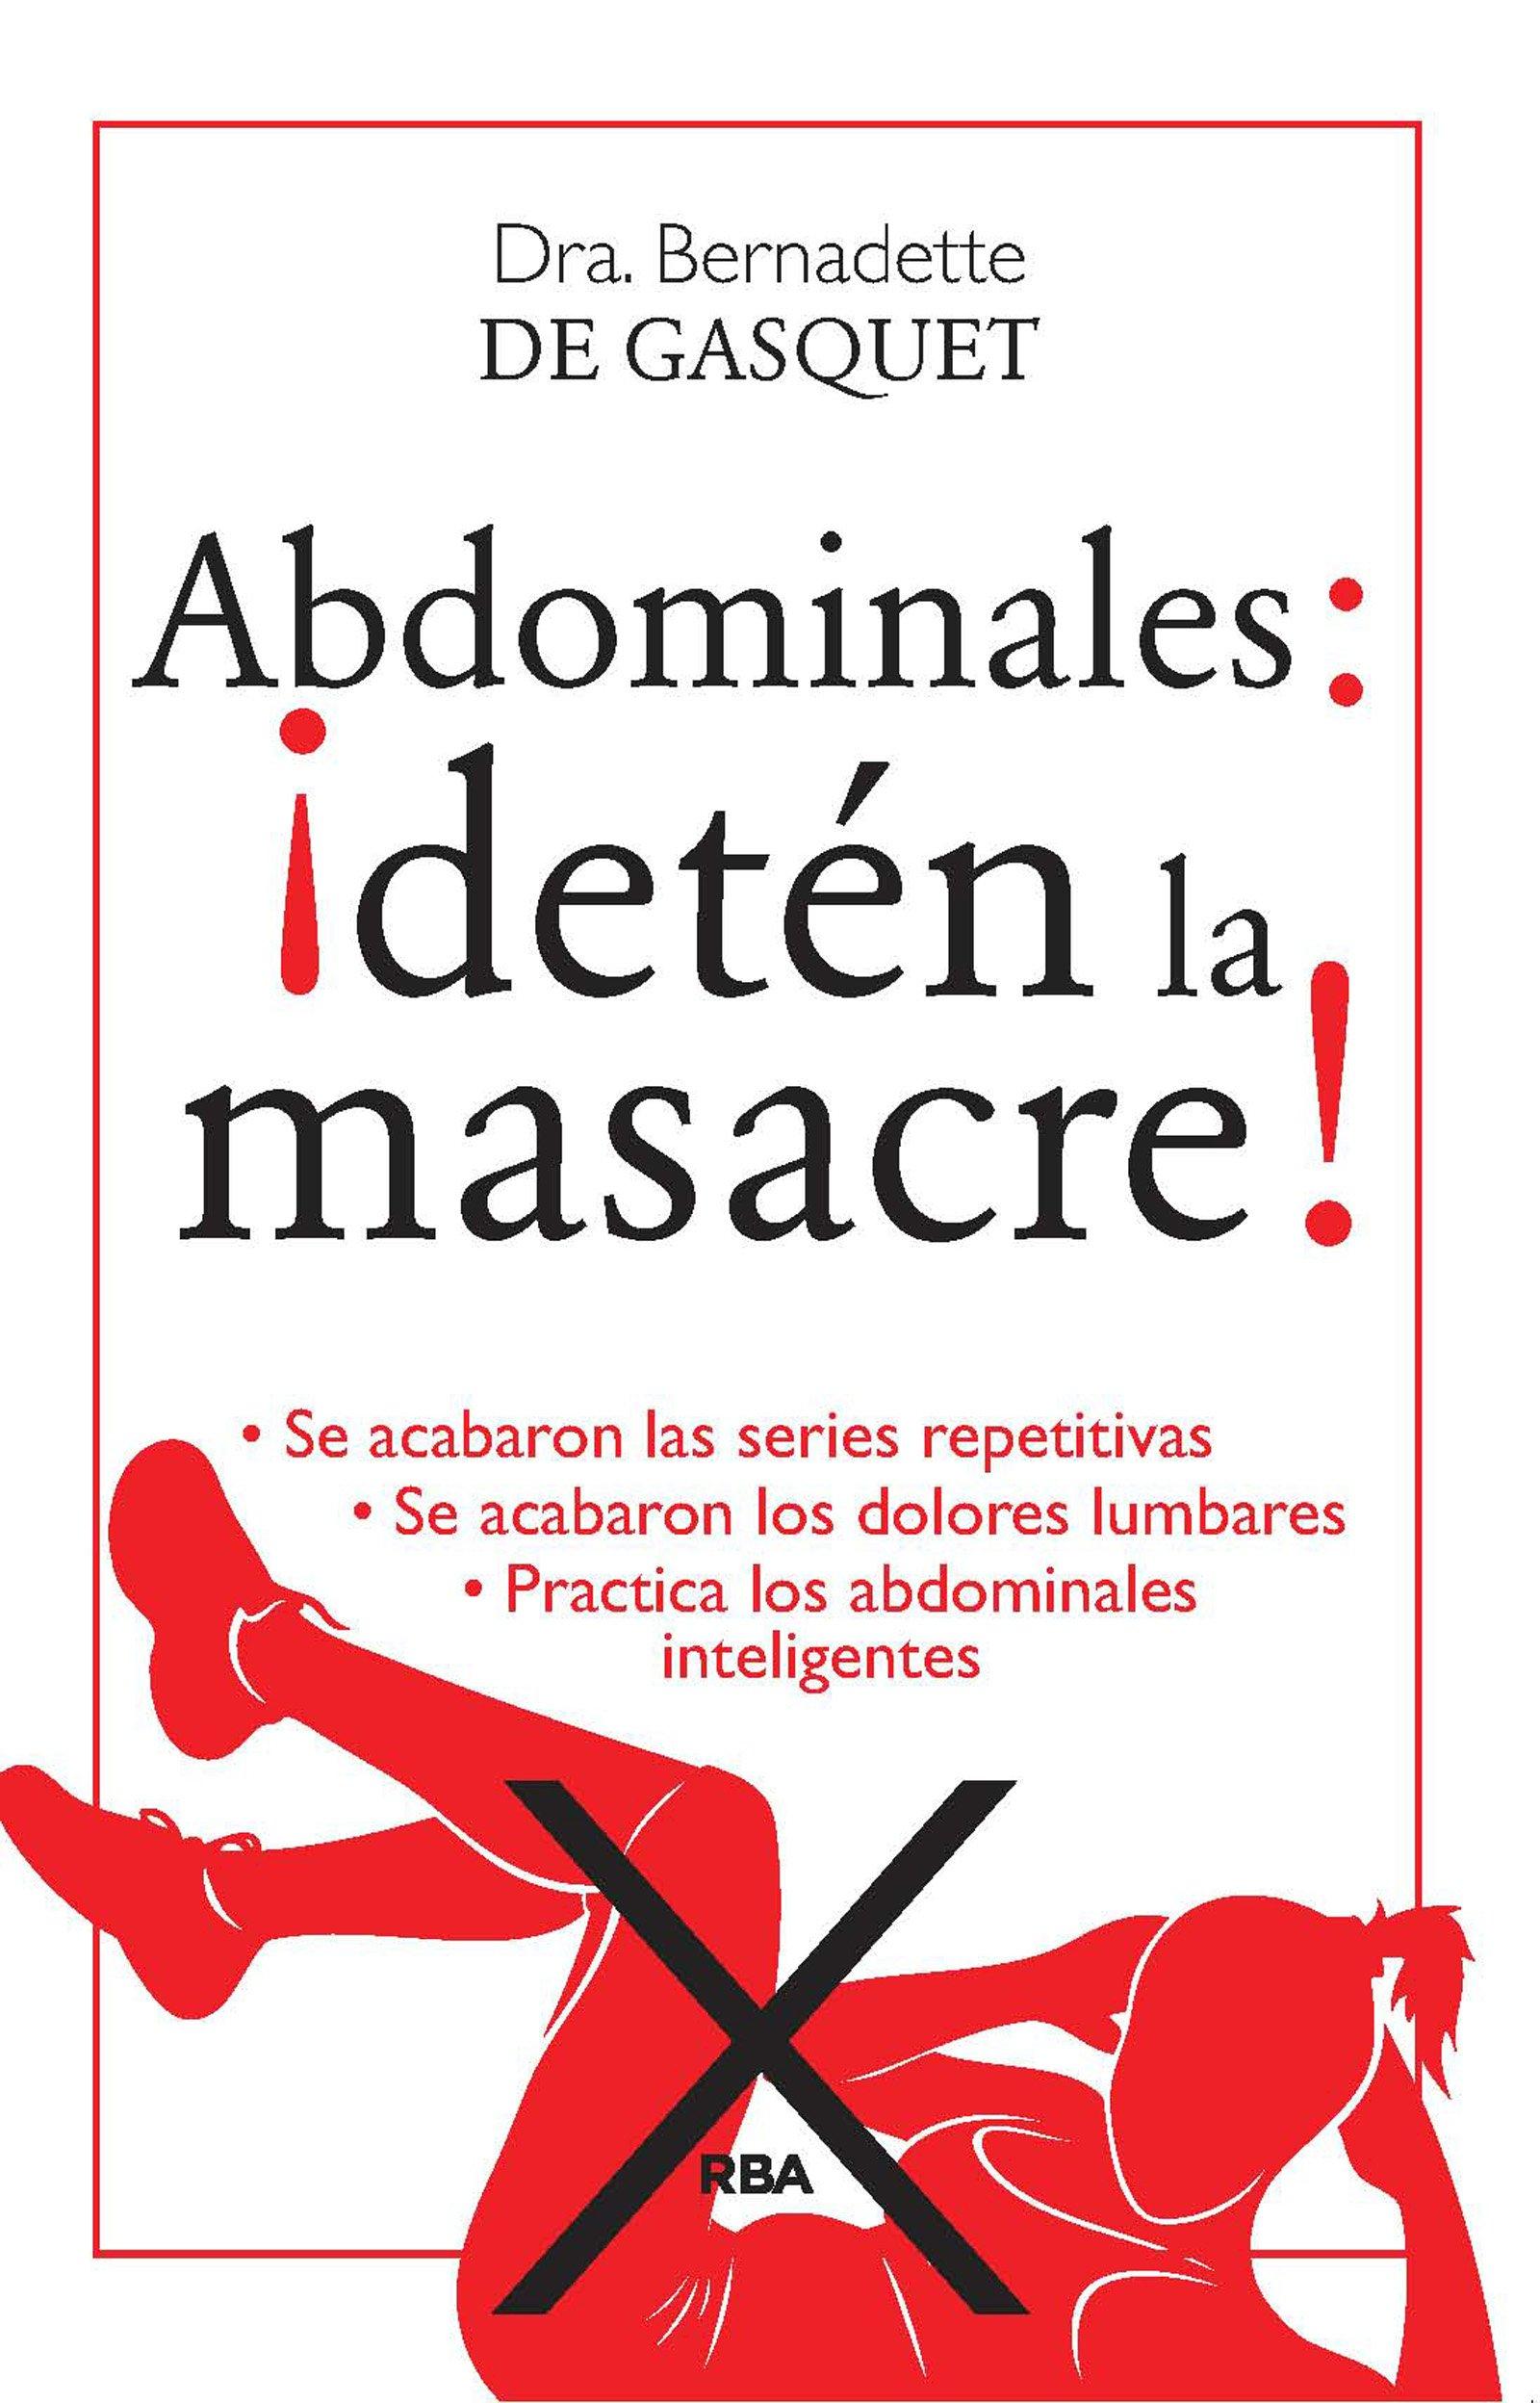 Abdominales deten la masacre